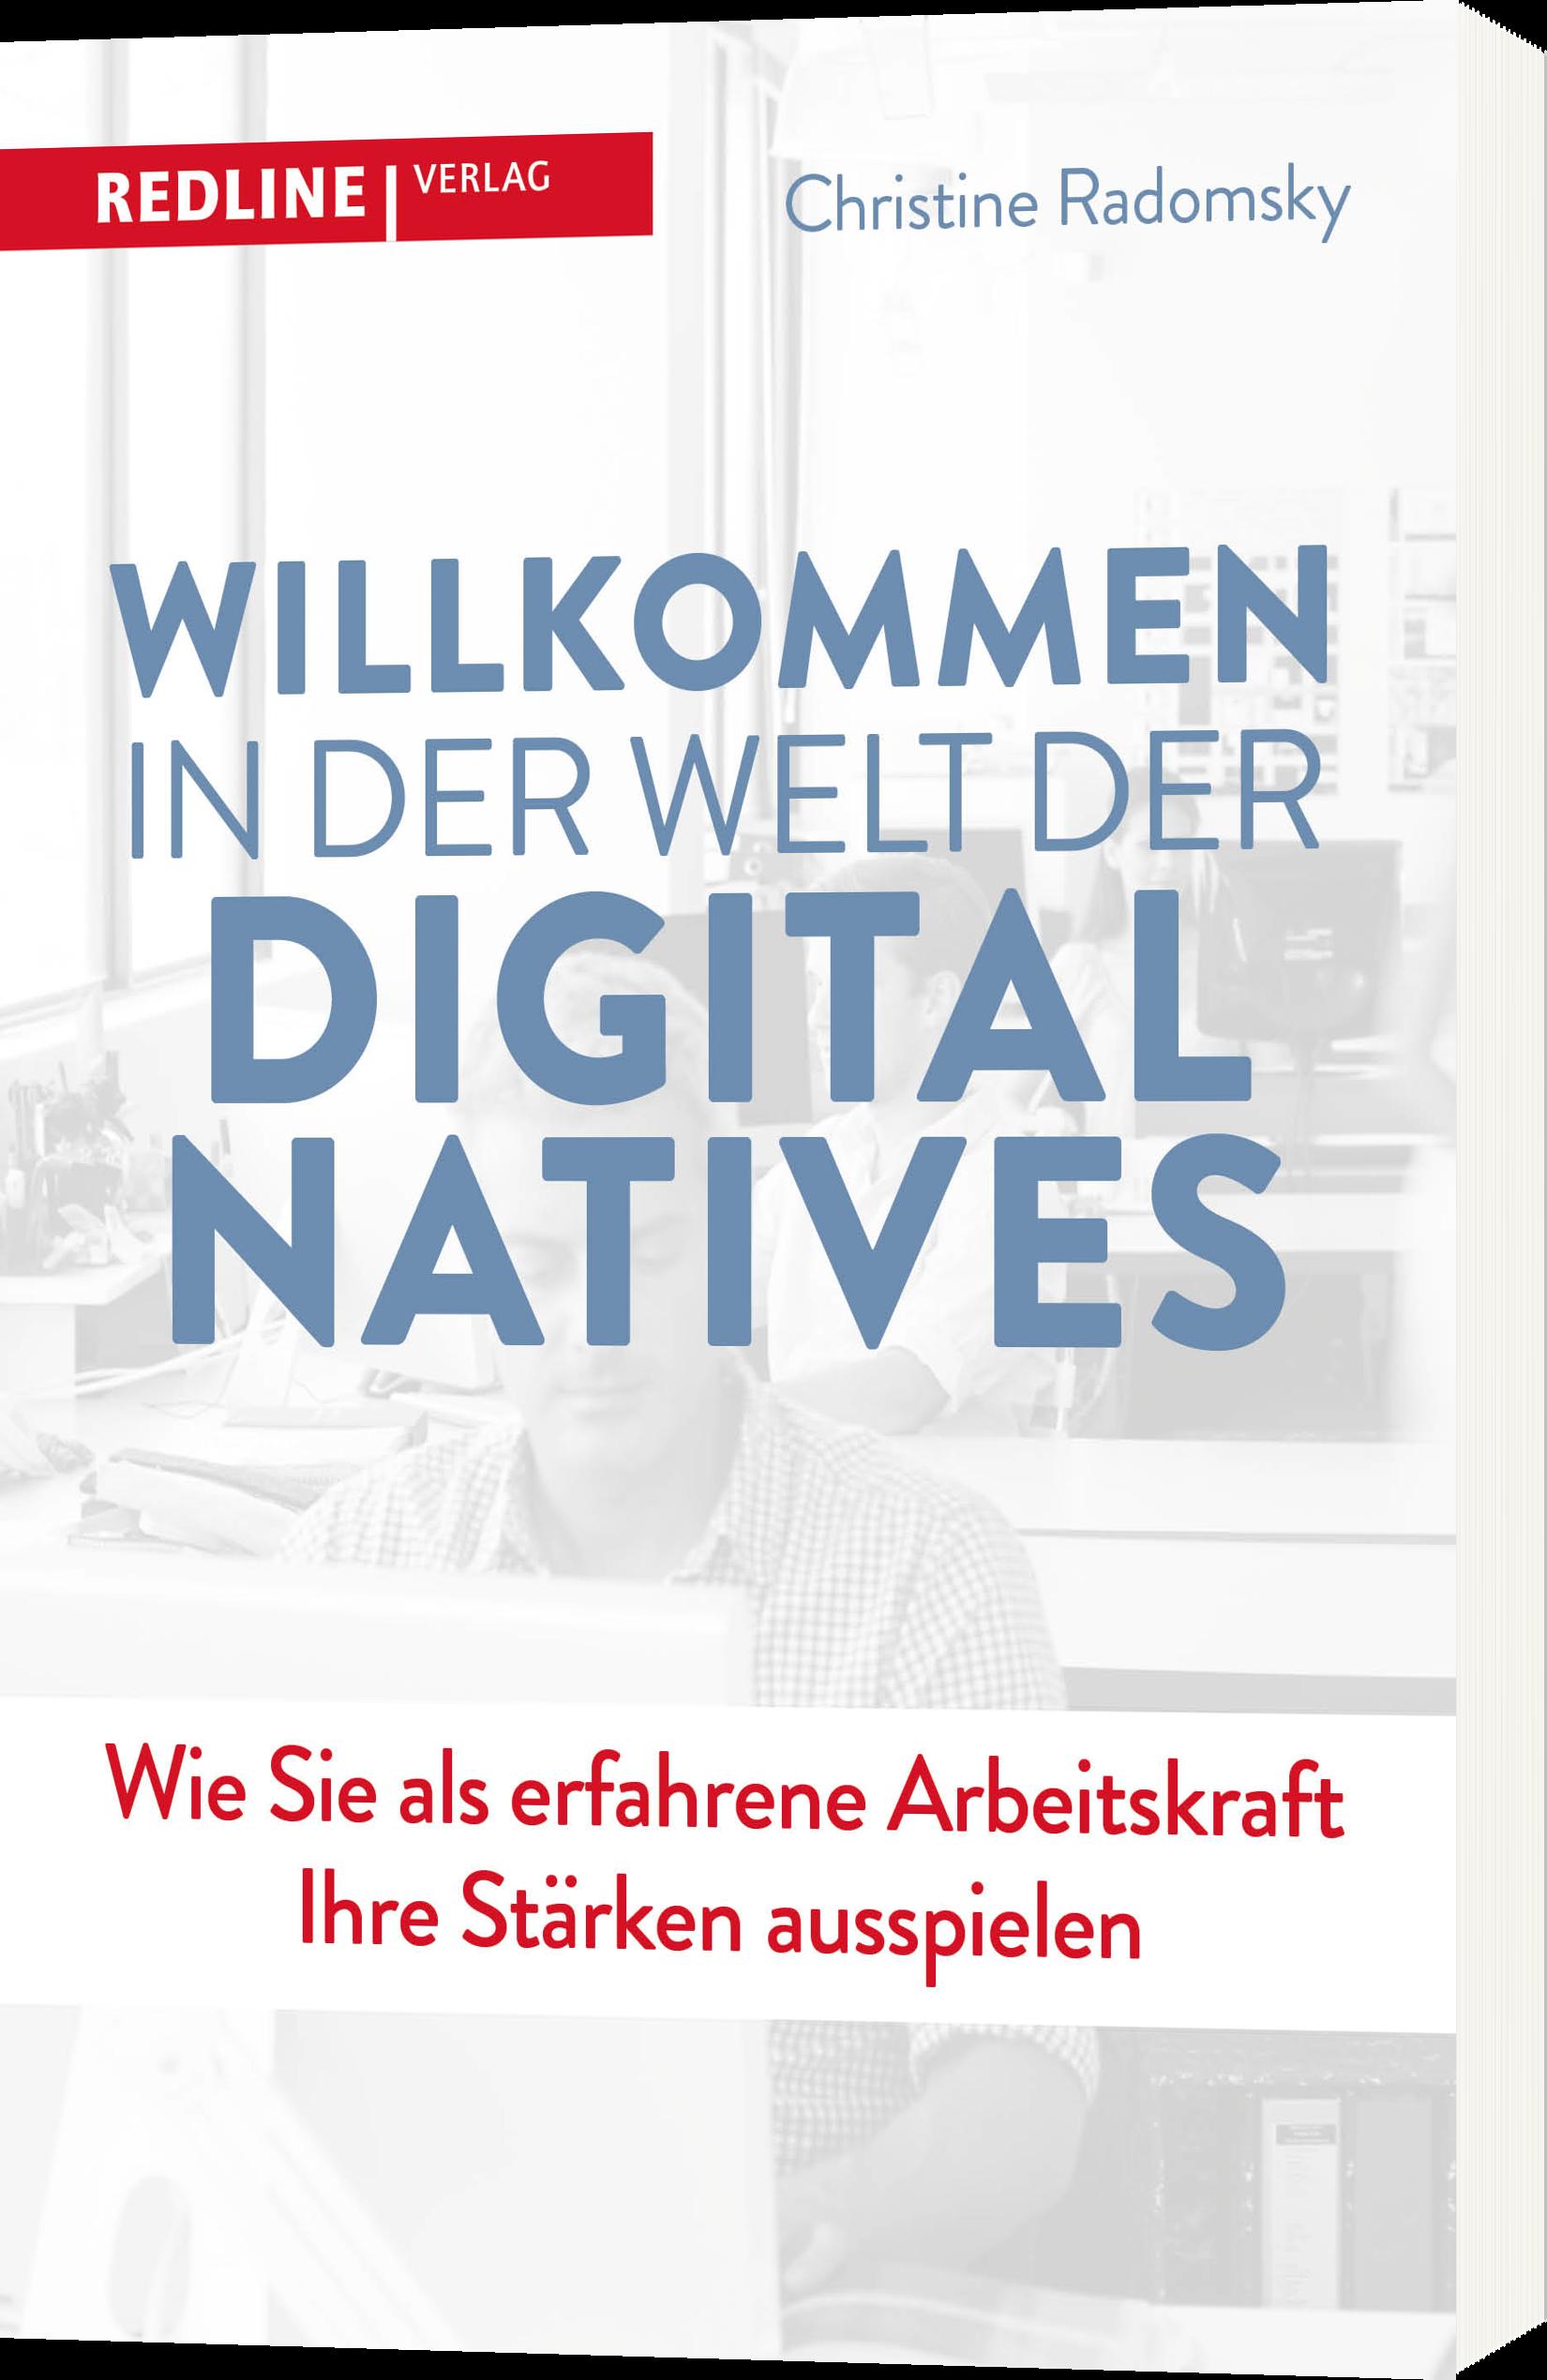 Buchtitel zur Digitalen Transformation in der Arbeitswelt